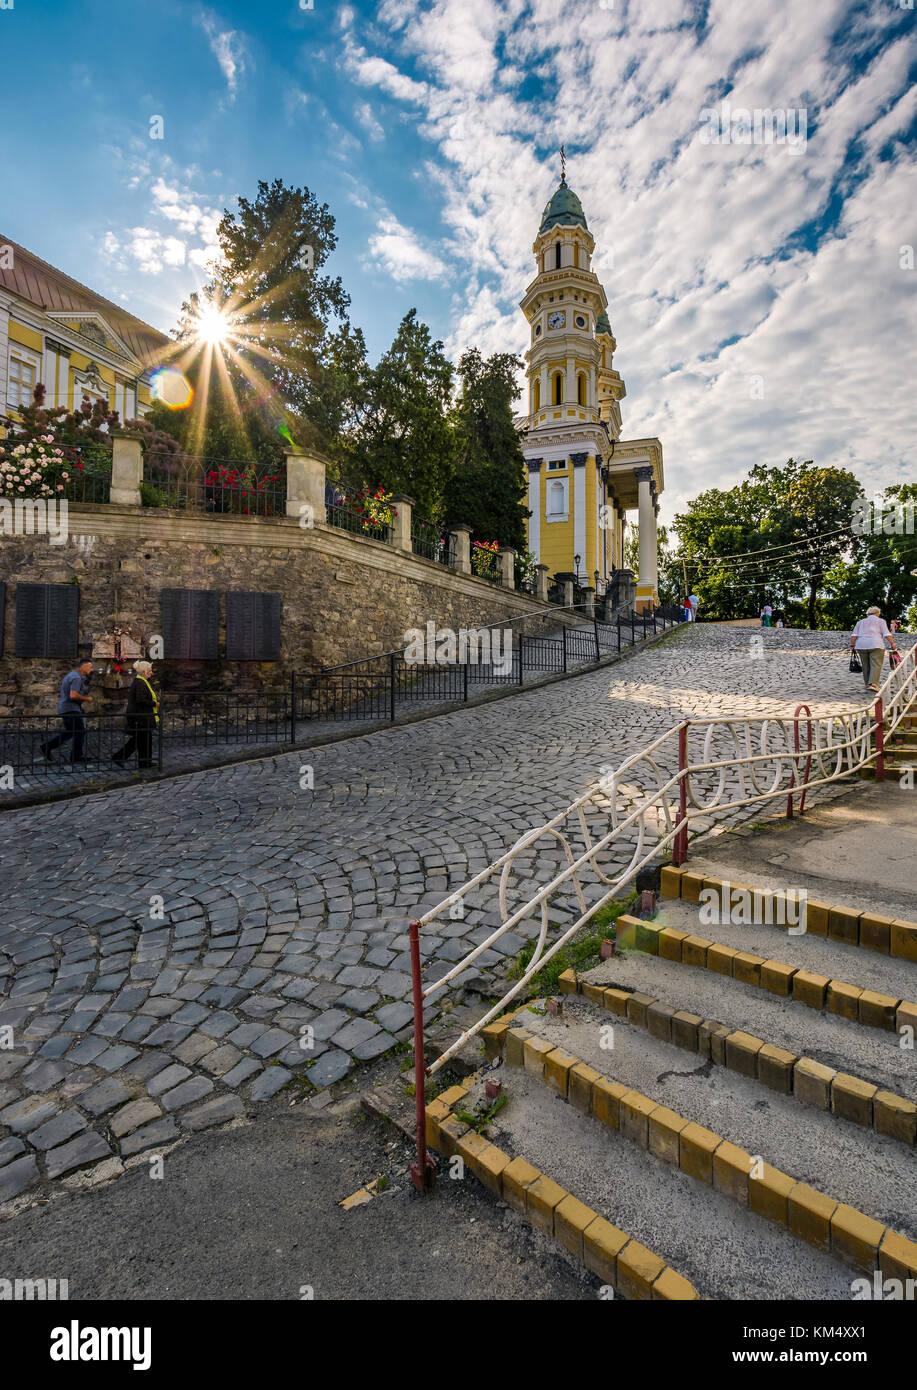 Uschhorod, Ukraine - May 11, 2017: Die Menschen gehen bergauf bis zur griechisch-katholischen Kathedrale. Alltag Stockbild